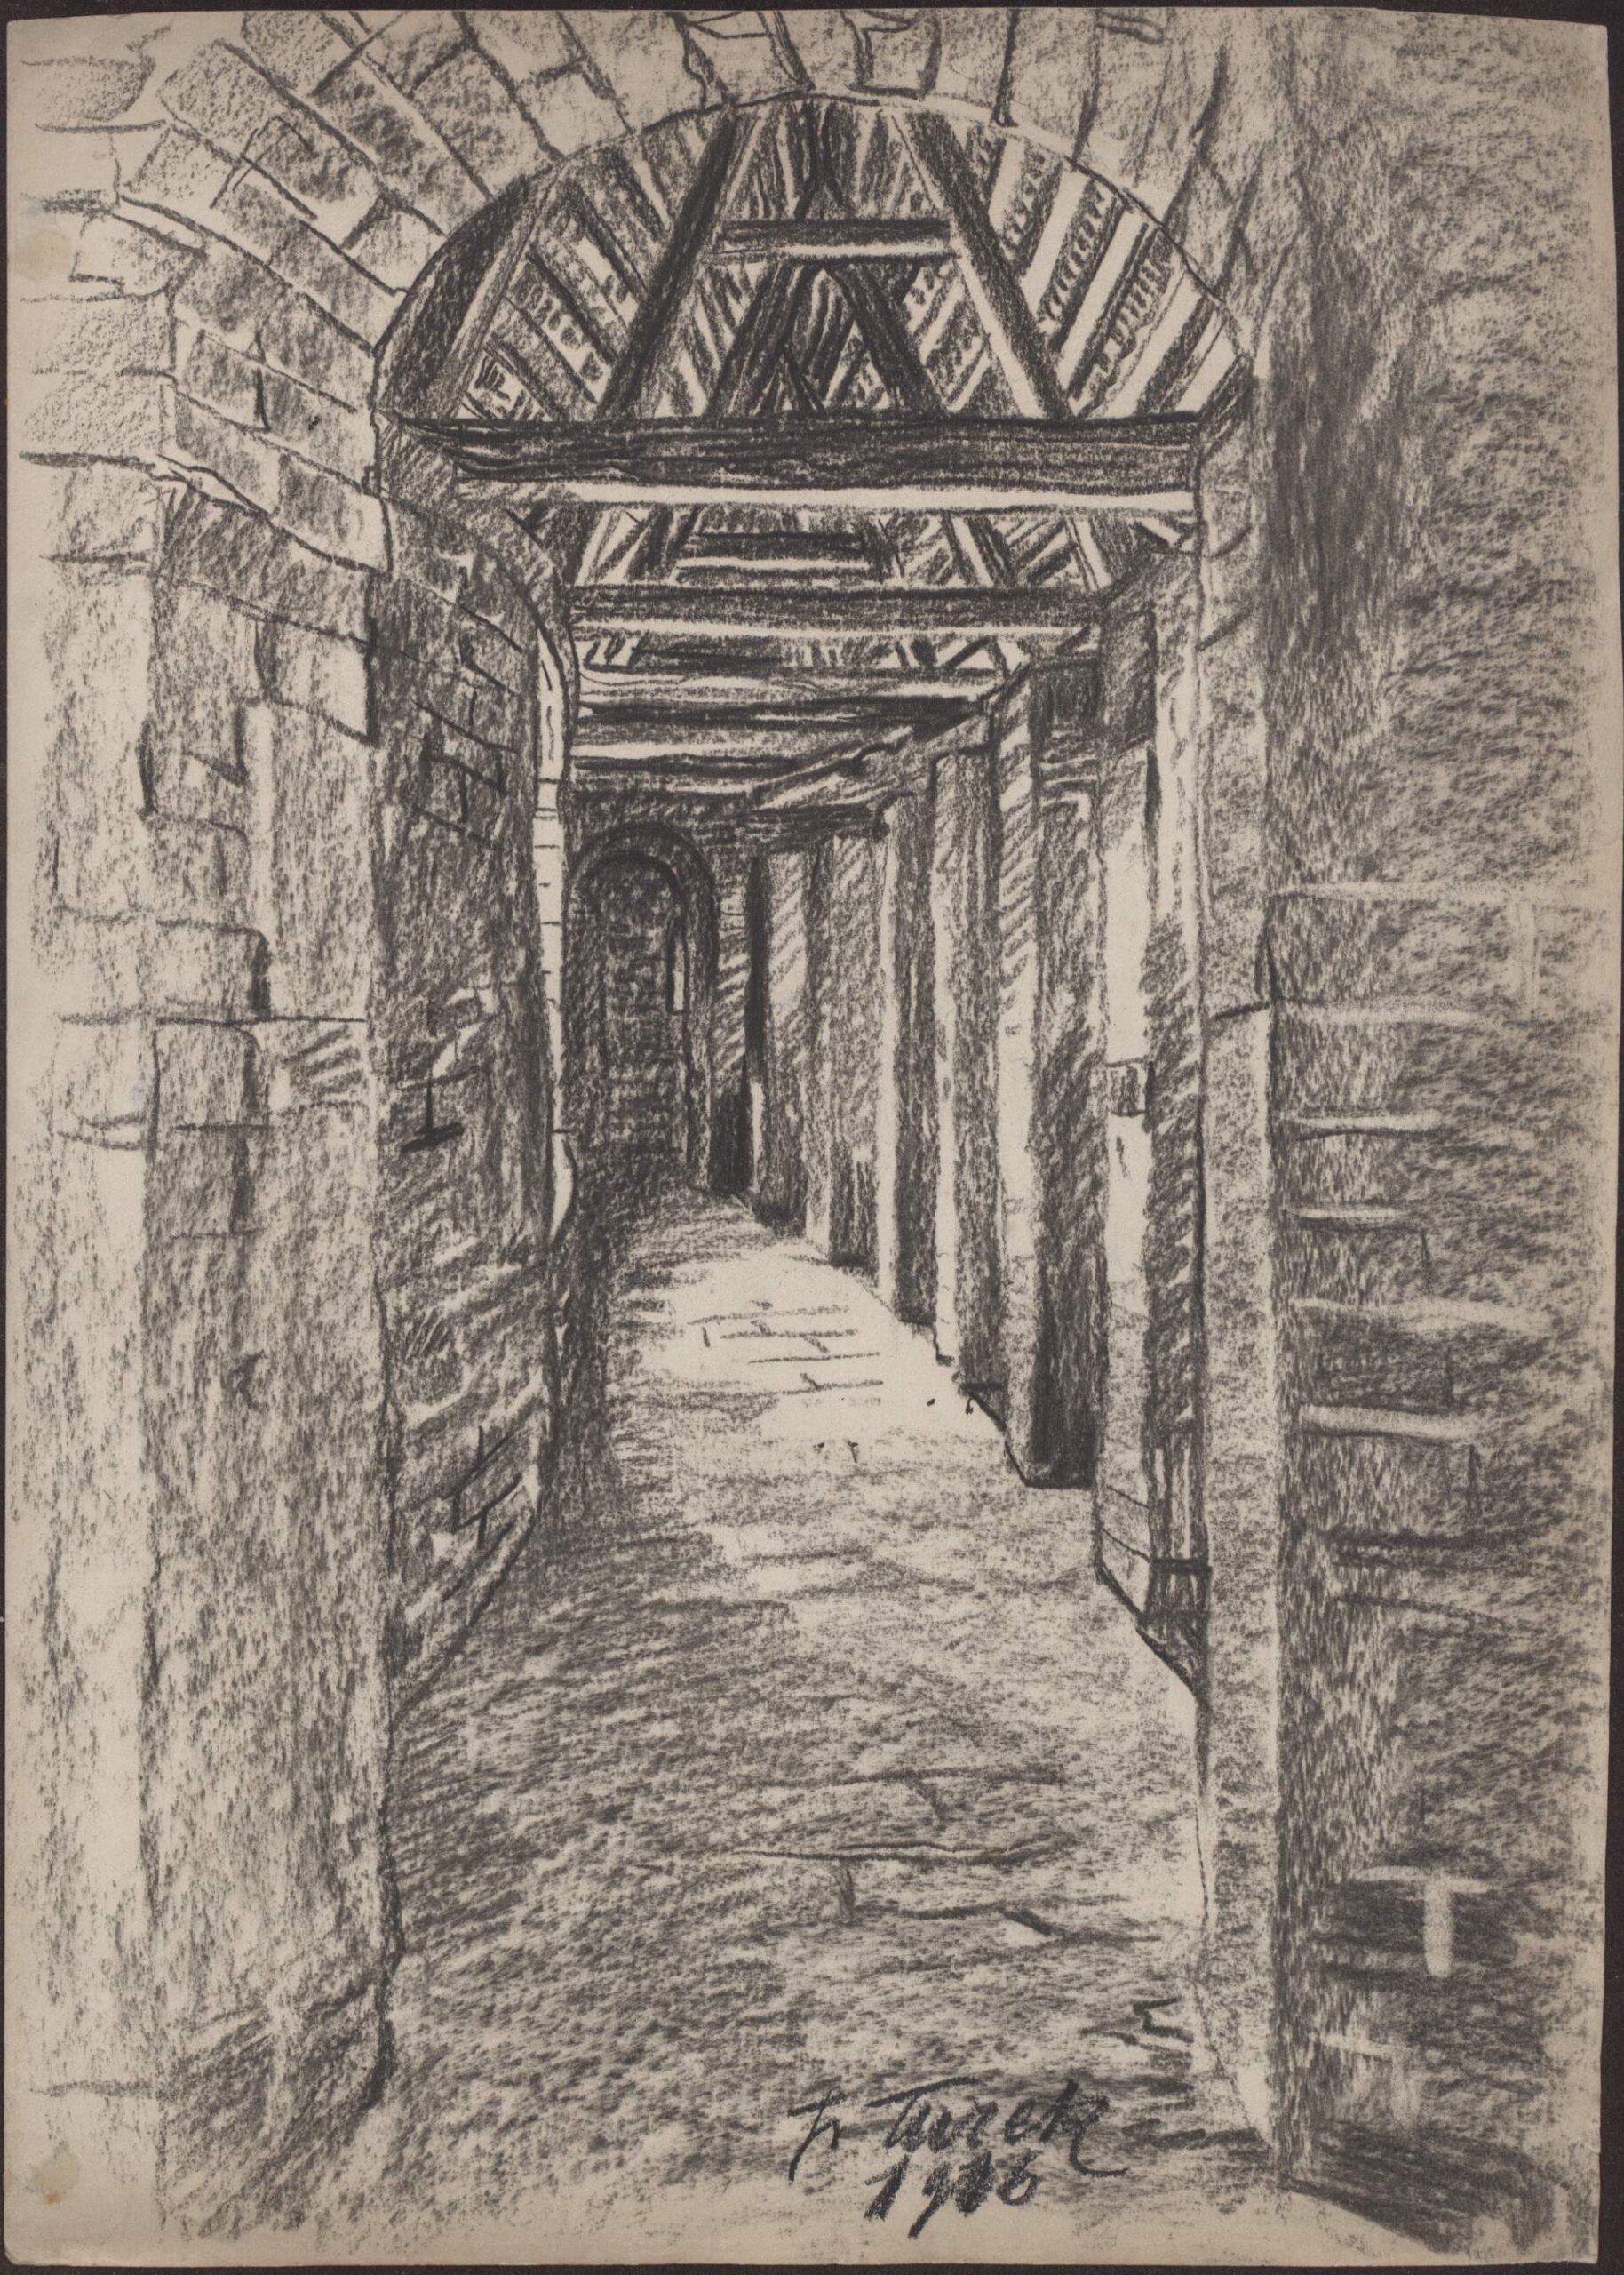 Rysunek czarną kredką przedstawiający korytarz napiętrze Barbakanu